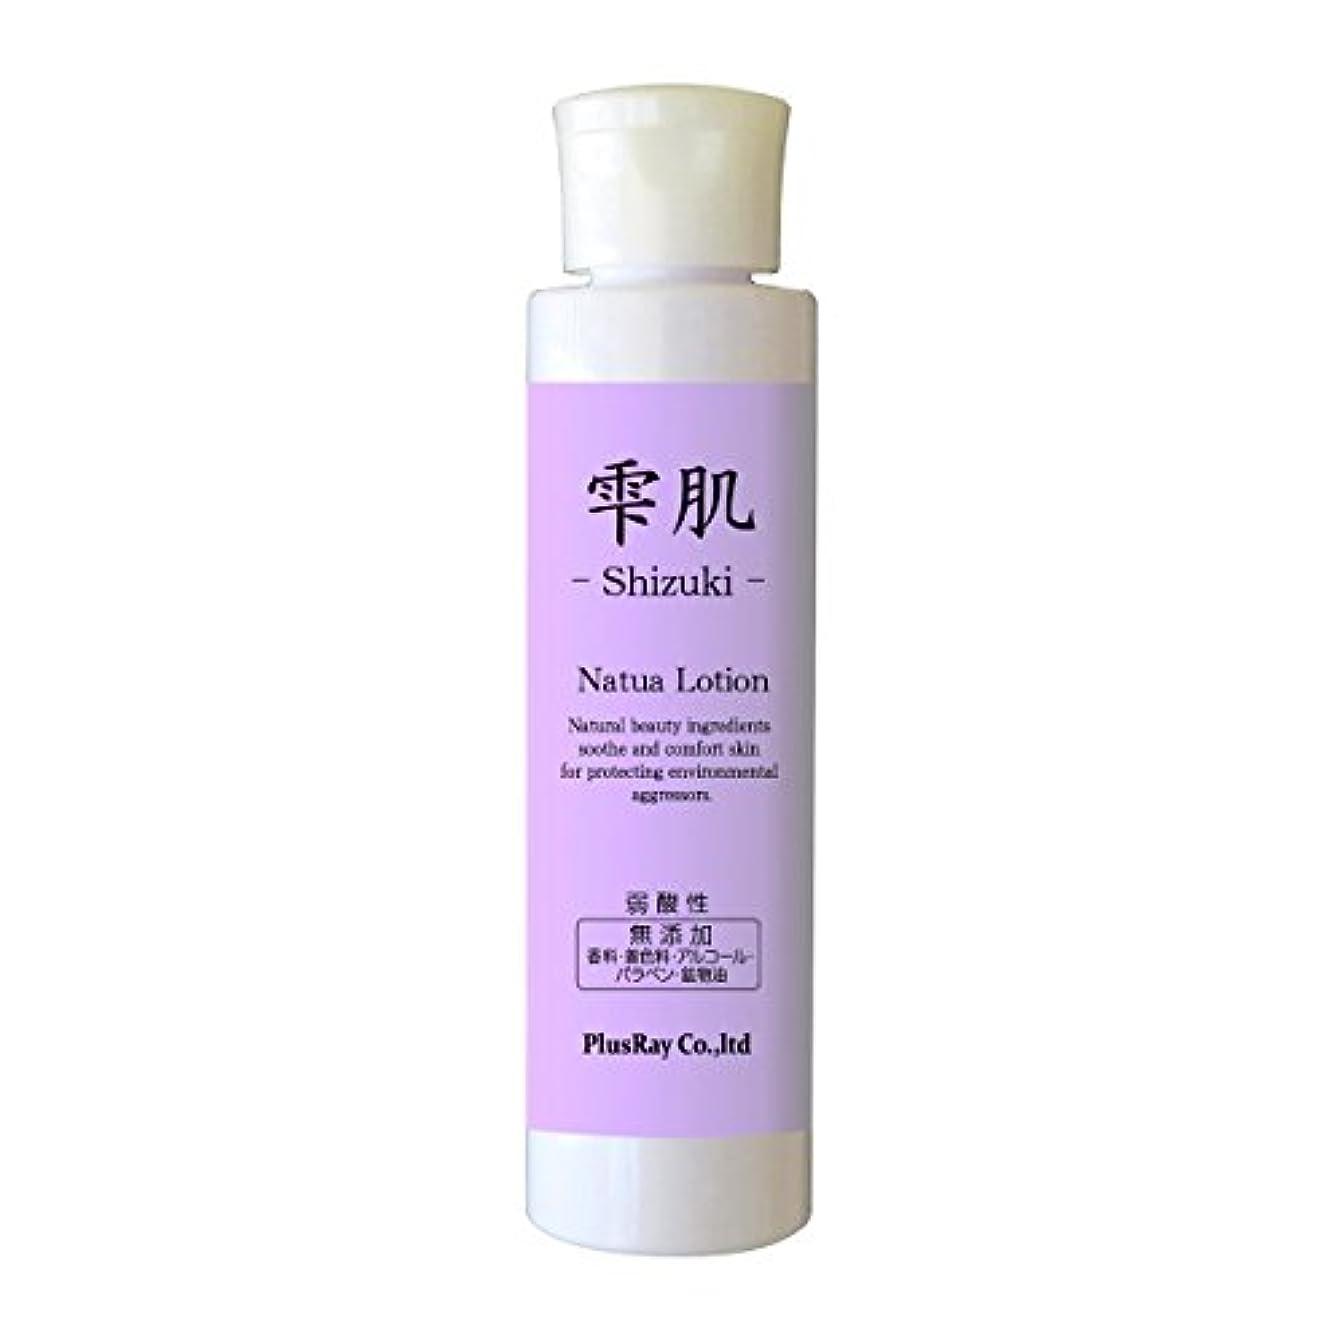 神秘衝突忠誠プラスレイ(PlusRay)化粧品 ナチュアローション 雫肌 しづき アズレン 化粧水